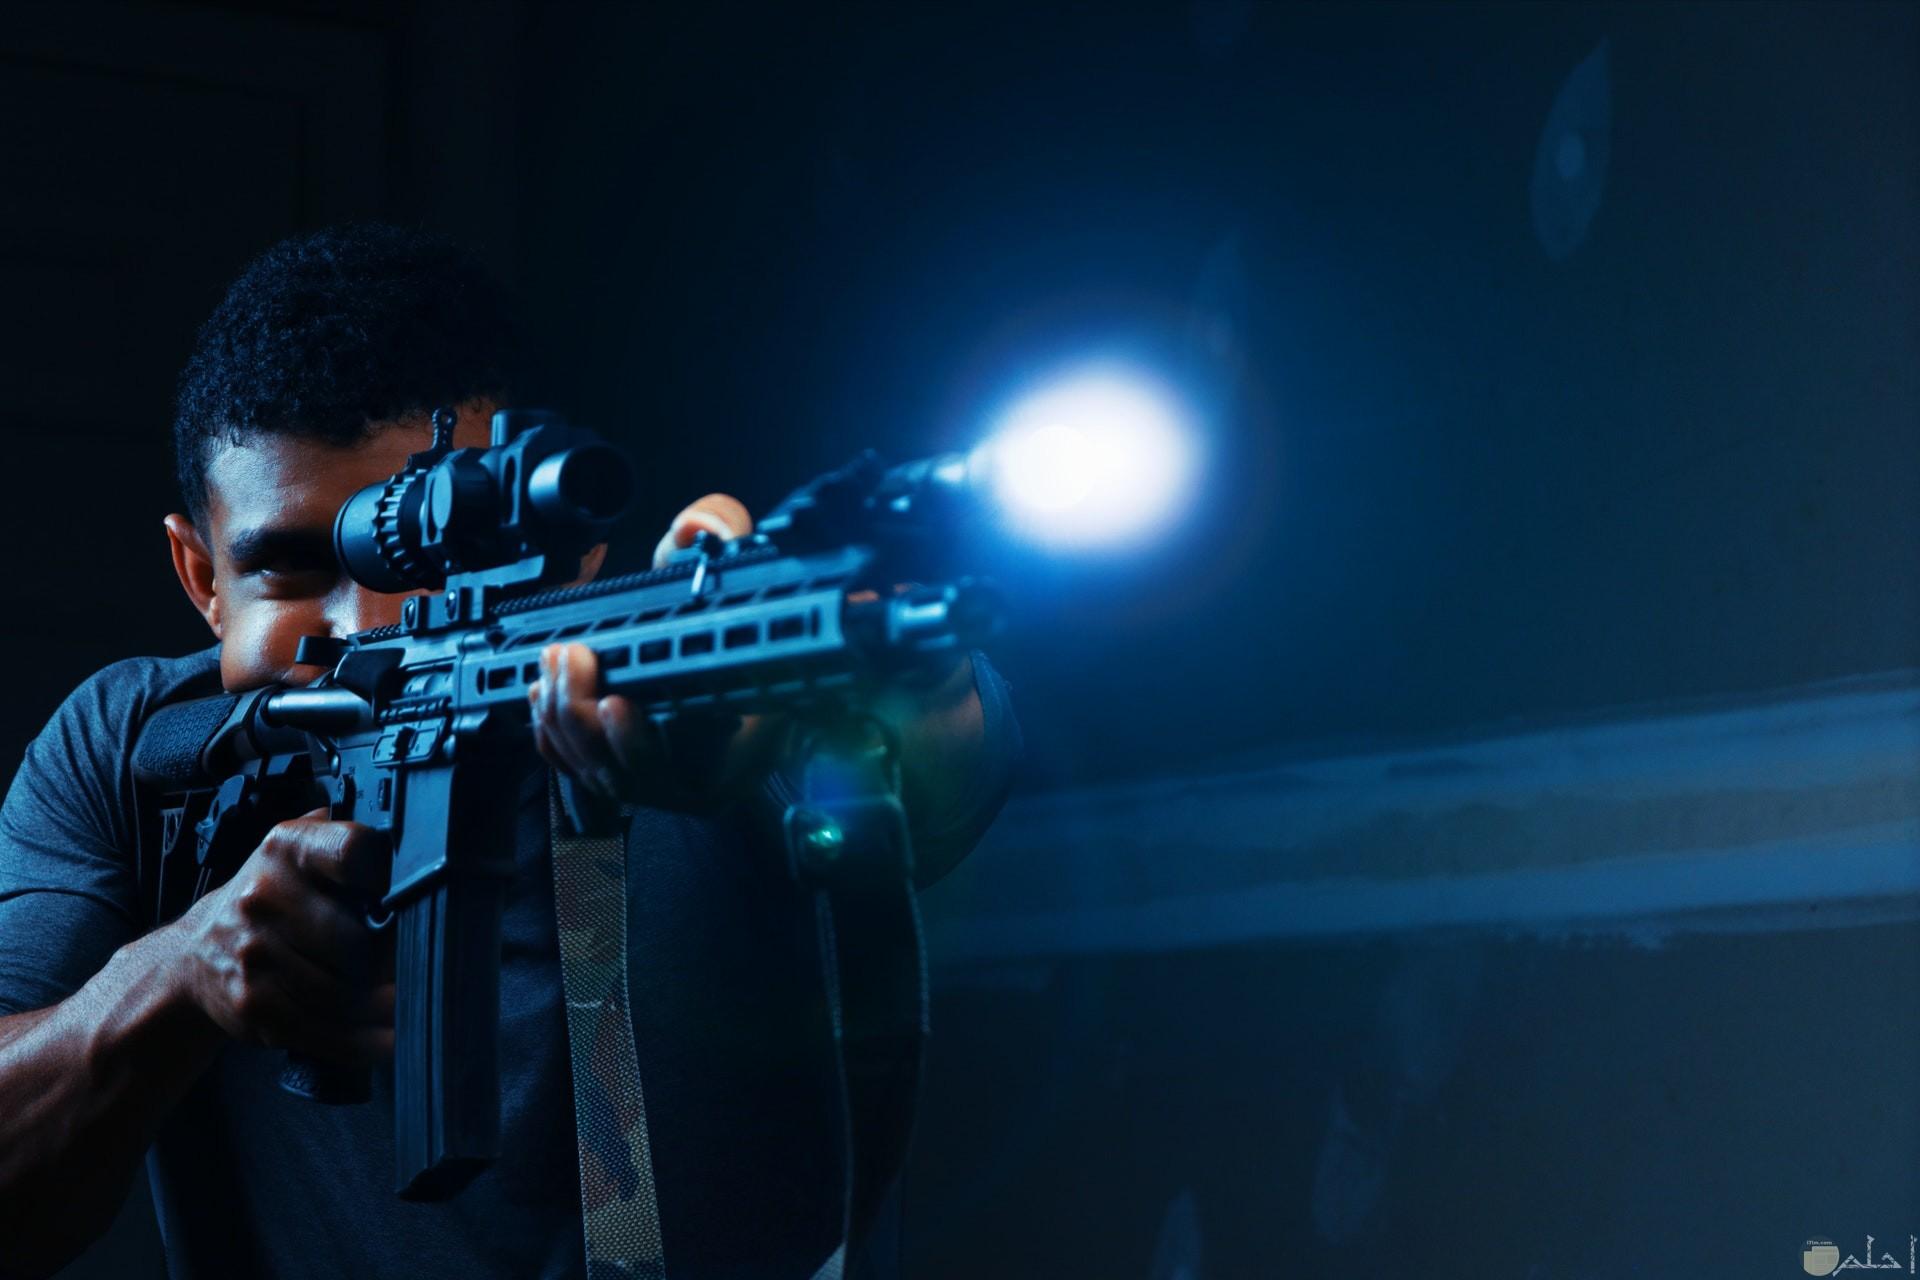 صورة أكشن مميزة لشاب يحمل سلاح في الظلام